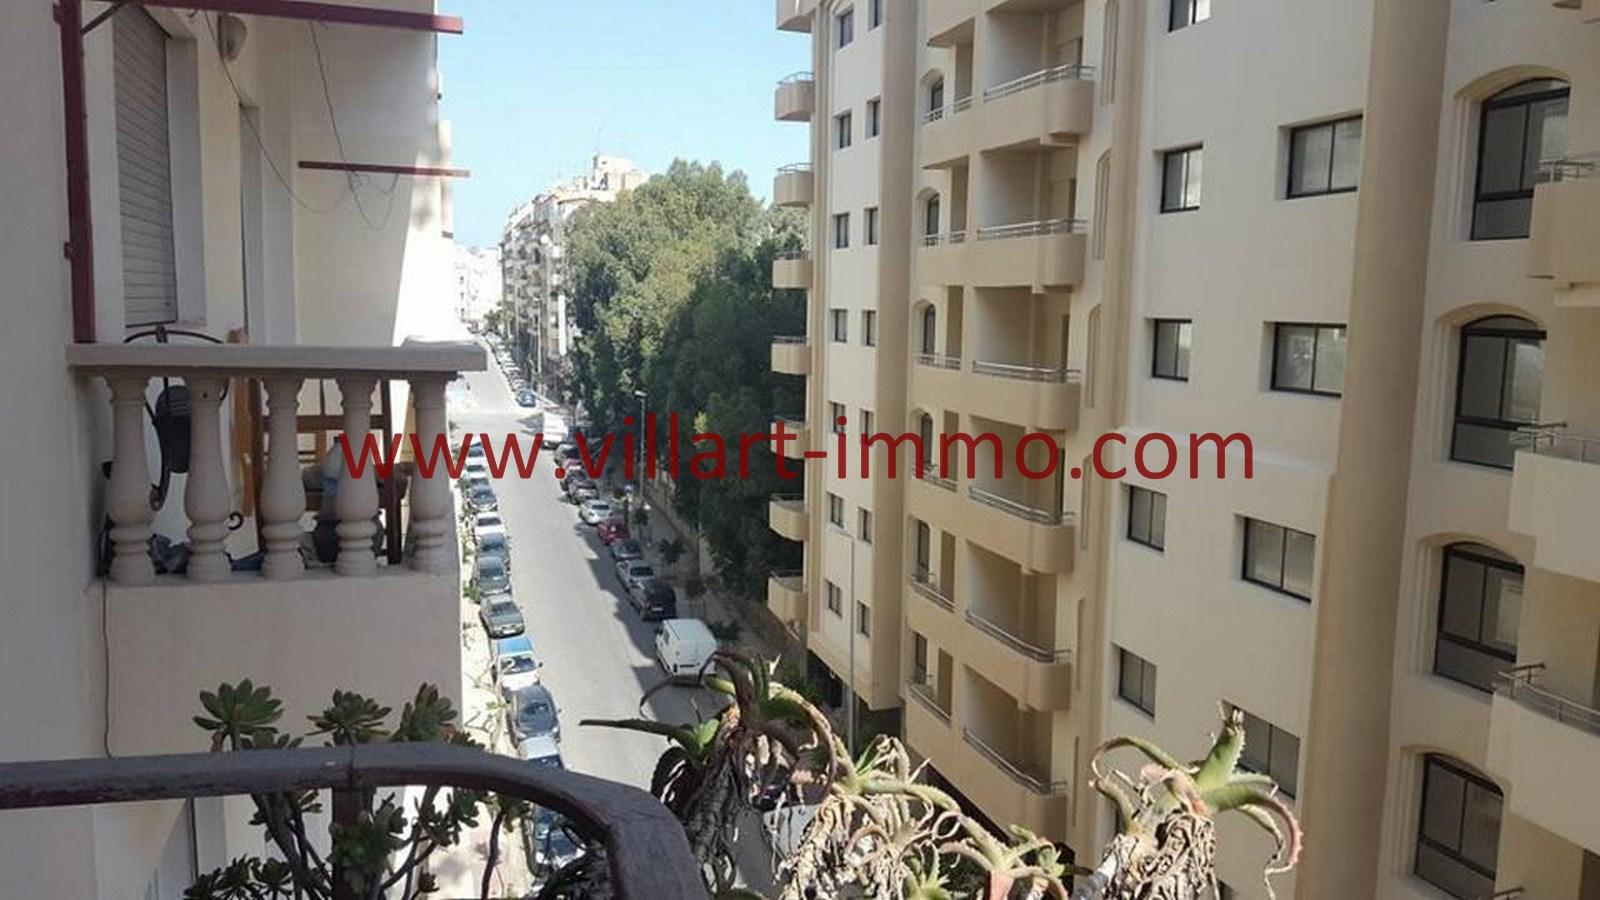 Appartement vendre au centre ville de tanger villart - Appartement de ville anton bazaliiskii ...